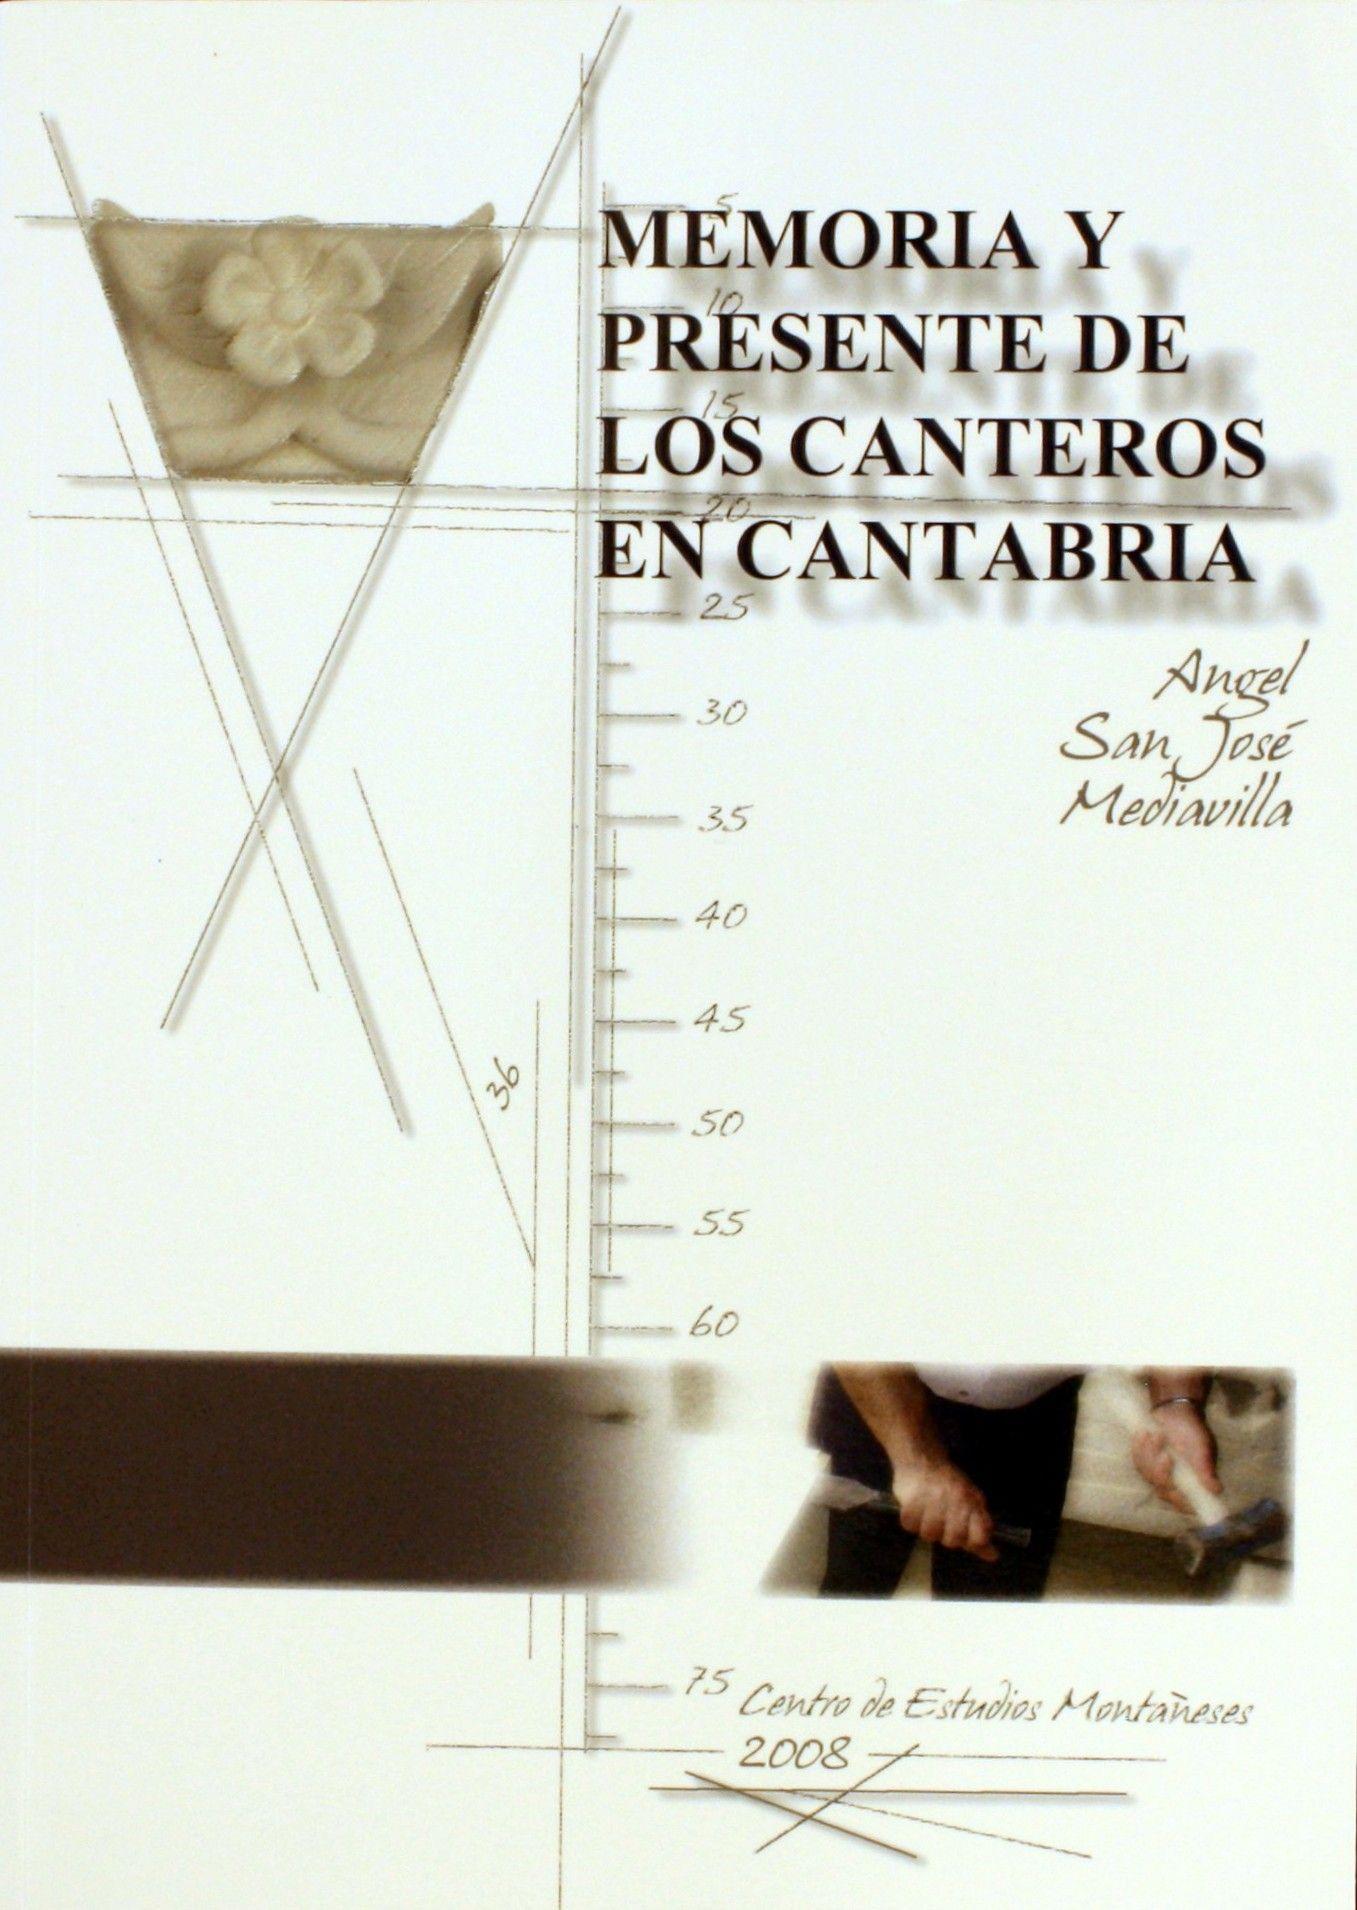 Memoria y presente de los canteros en Cantabria (resumen